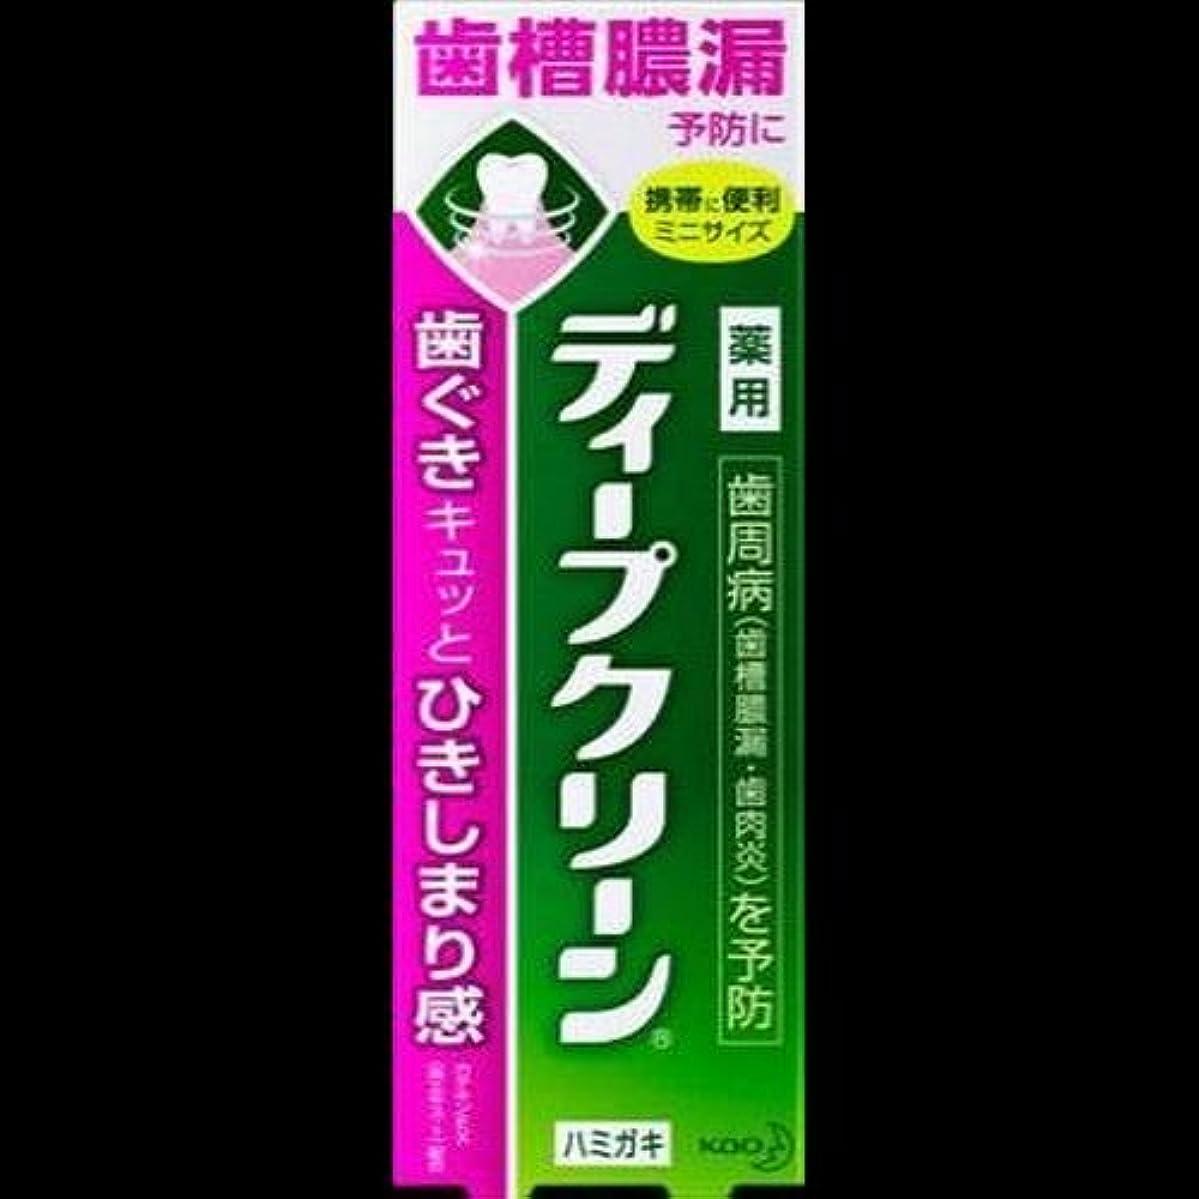 懸念明快スプーン【まとめ買い】ディープクリーン 薬用ハミガキ 60g ×2セット